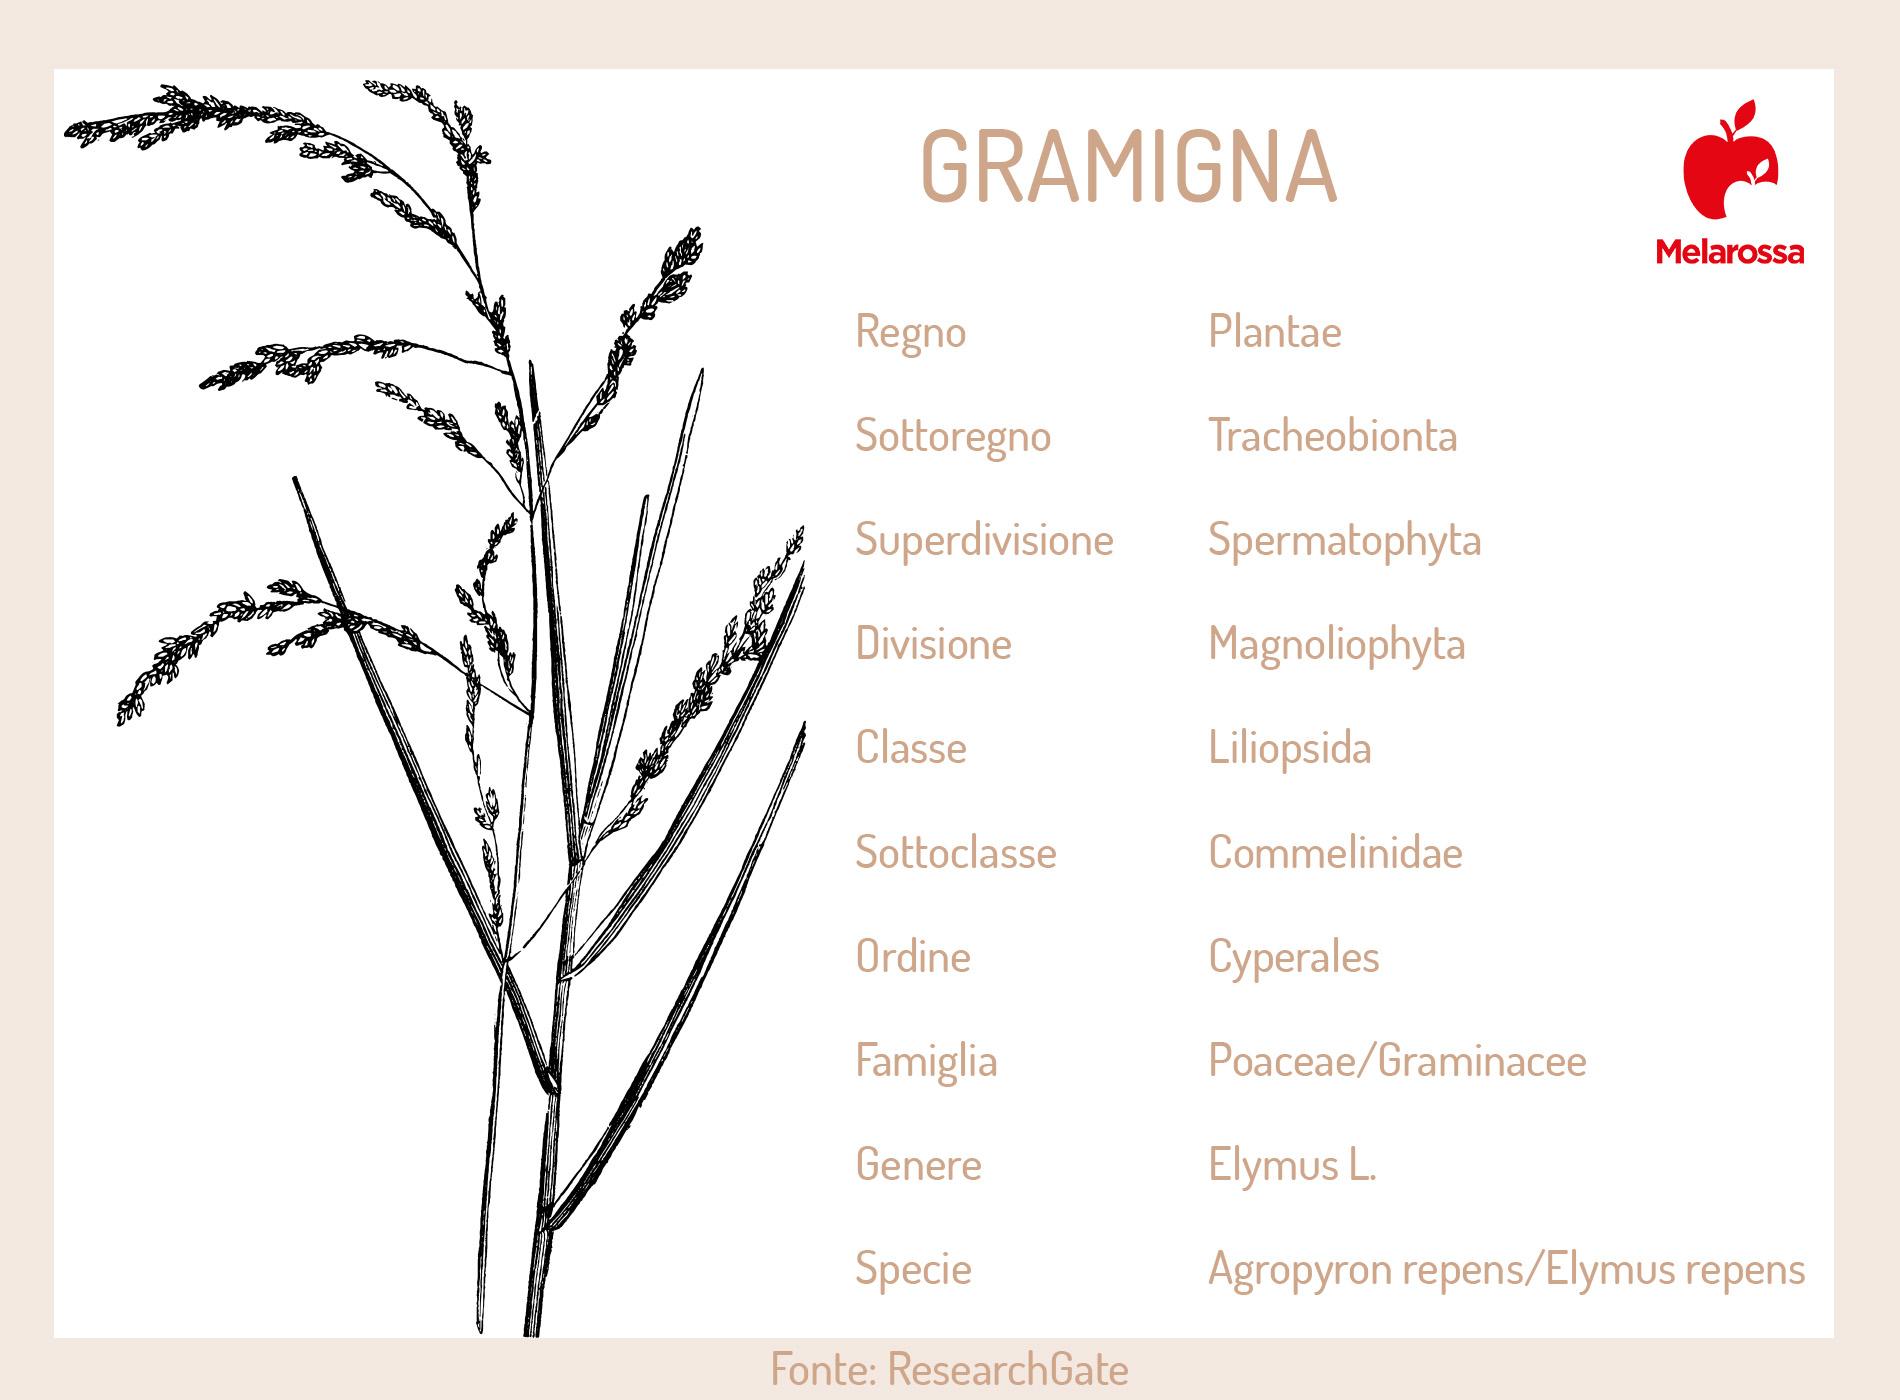 gramigna: Botanica